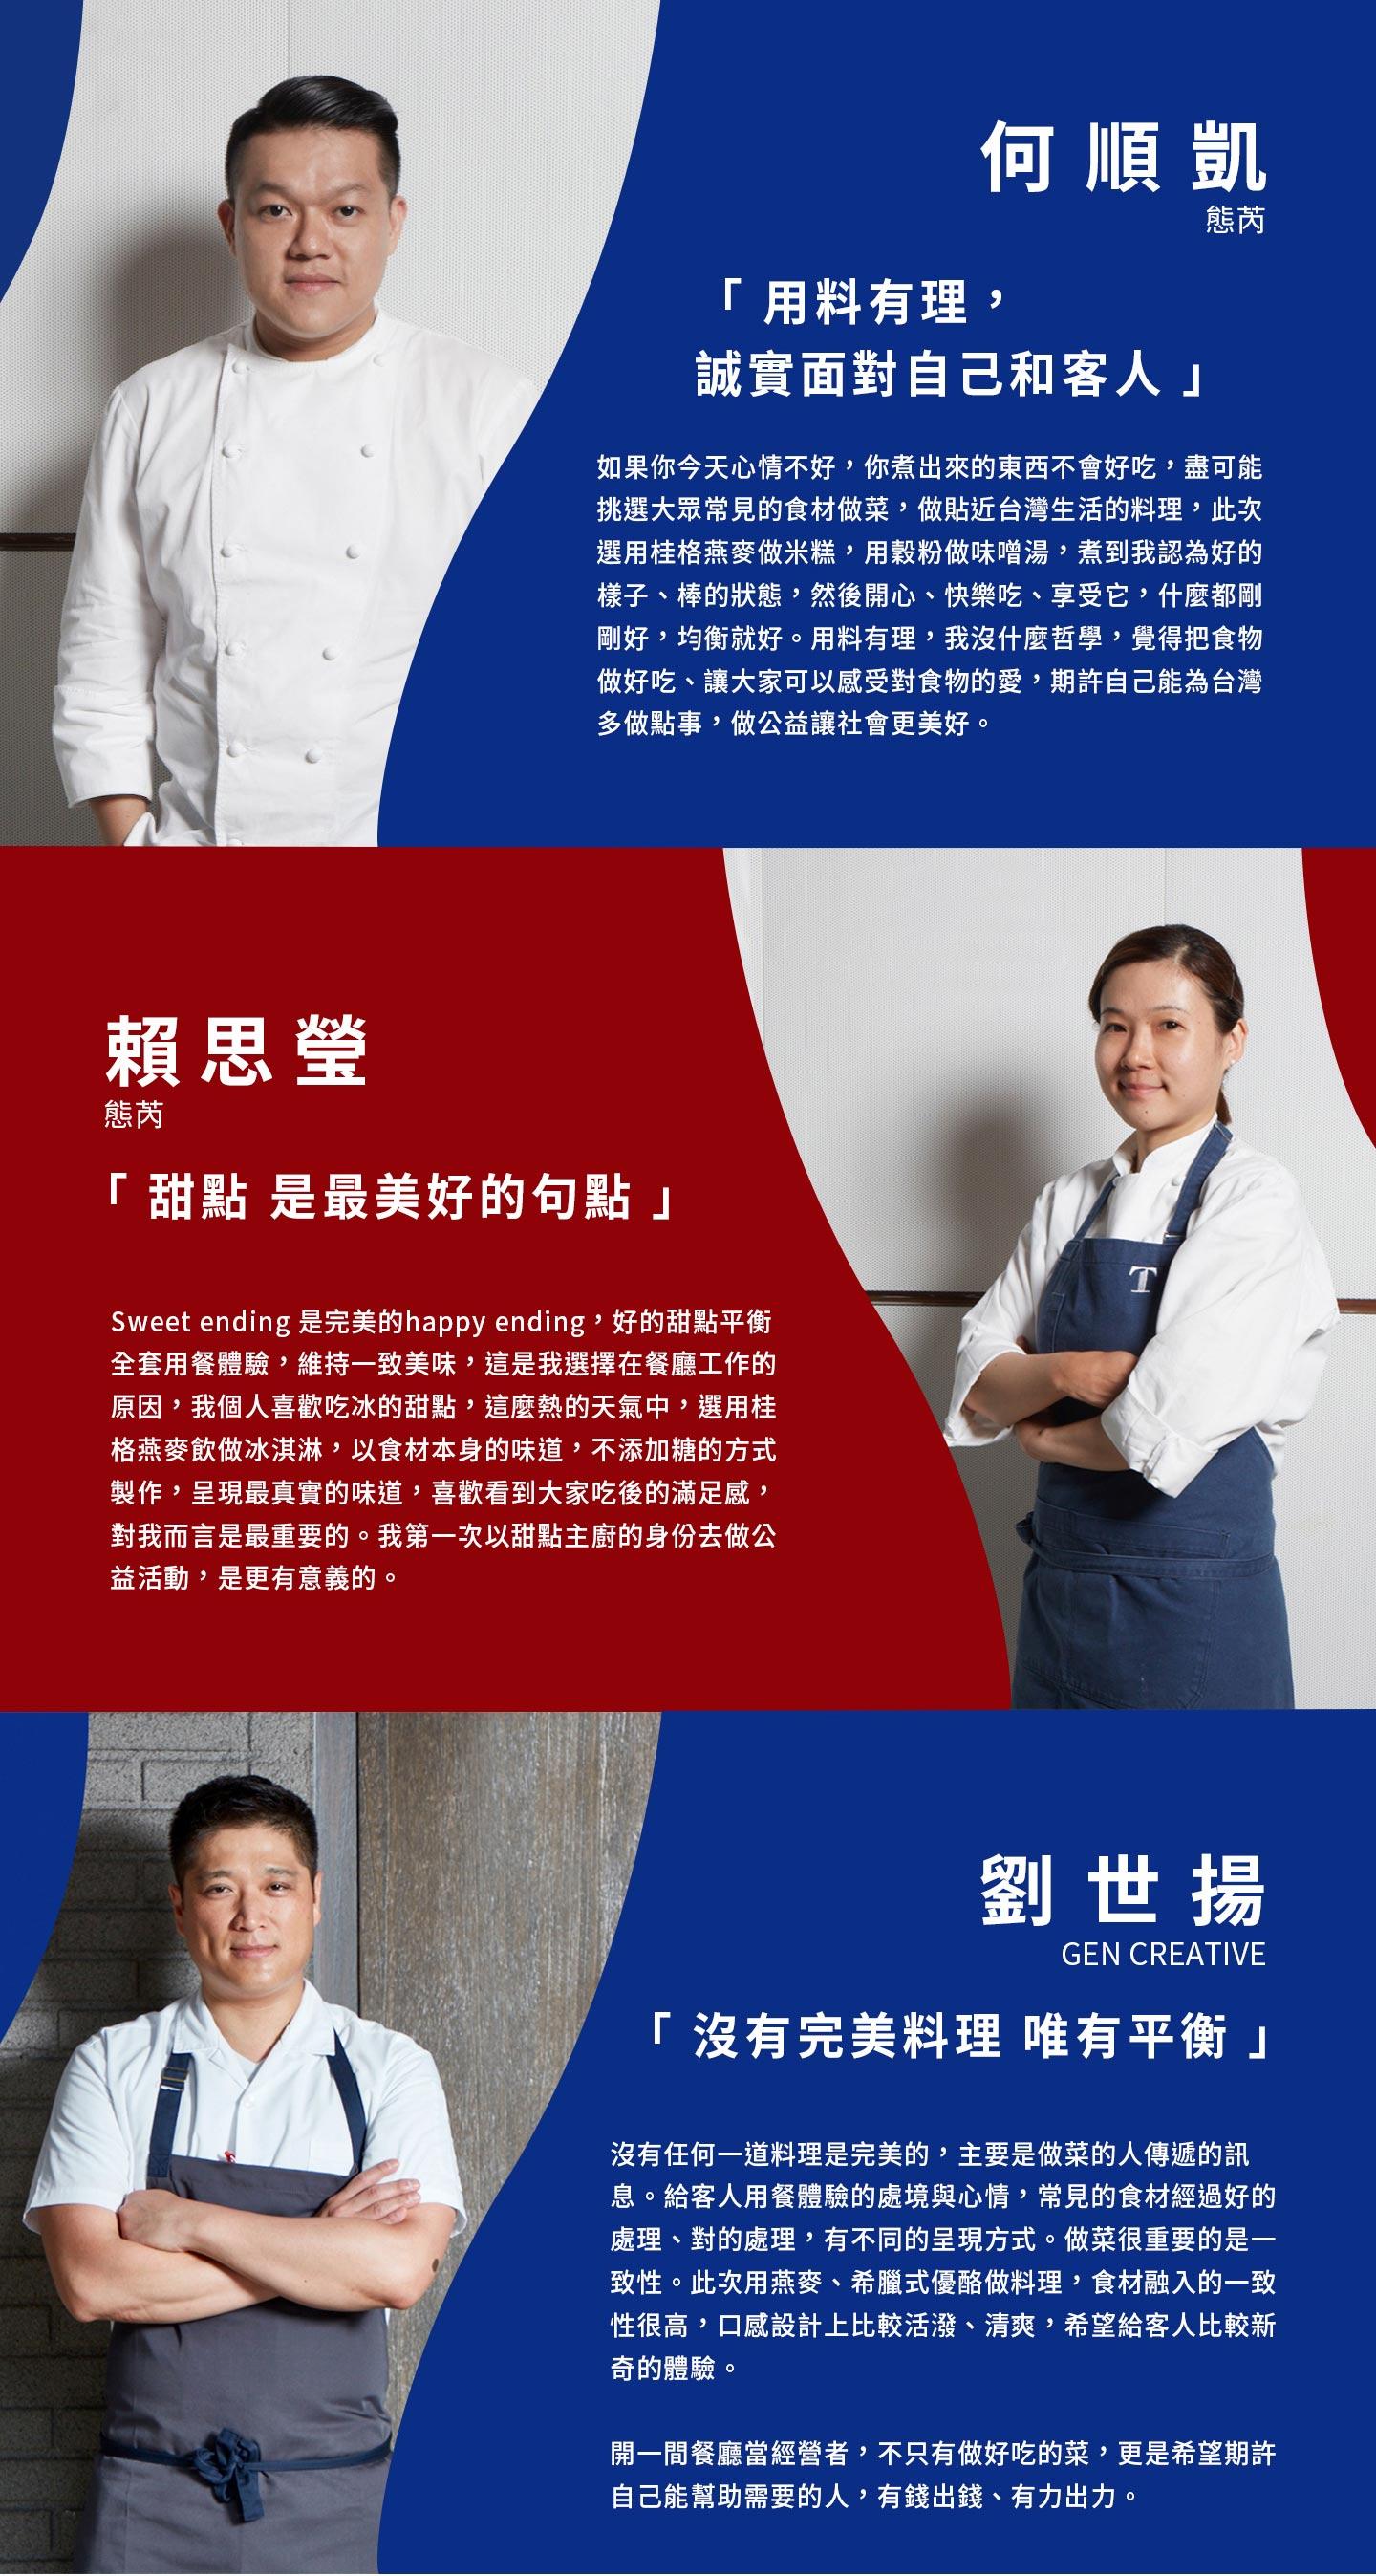 主廚訪談,何順凱,賴思瑩,劉世揚